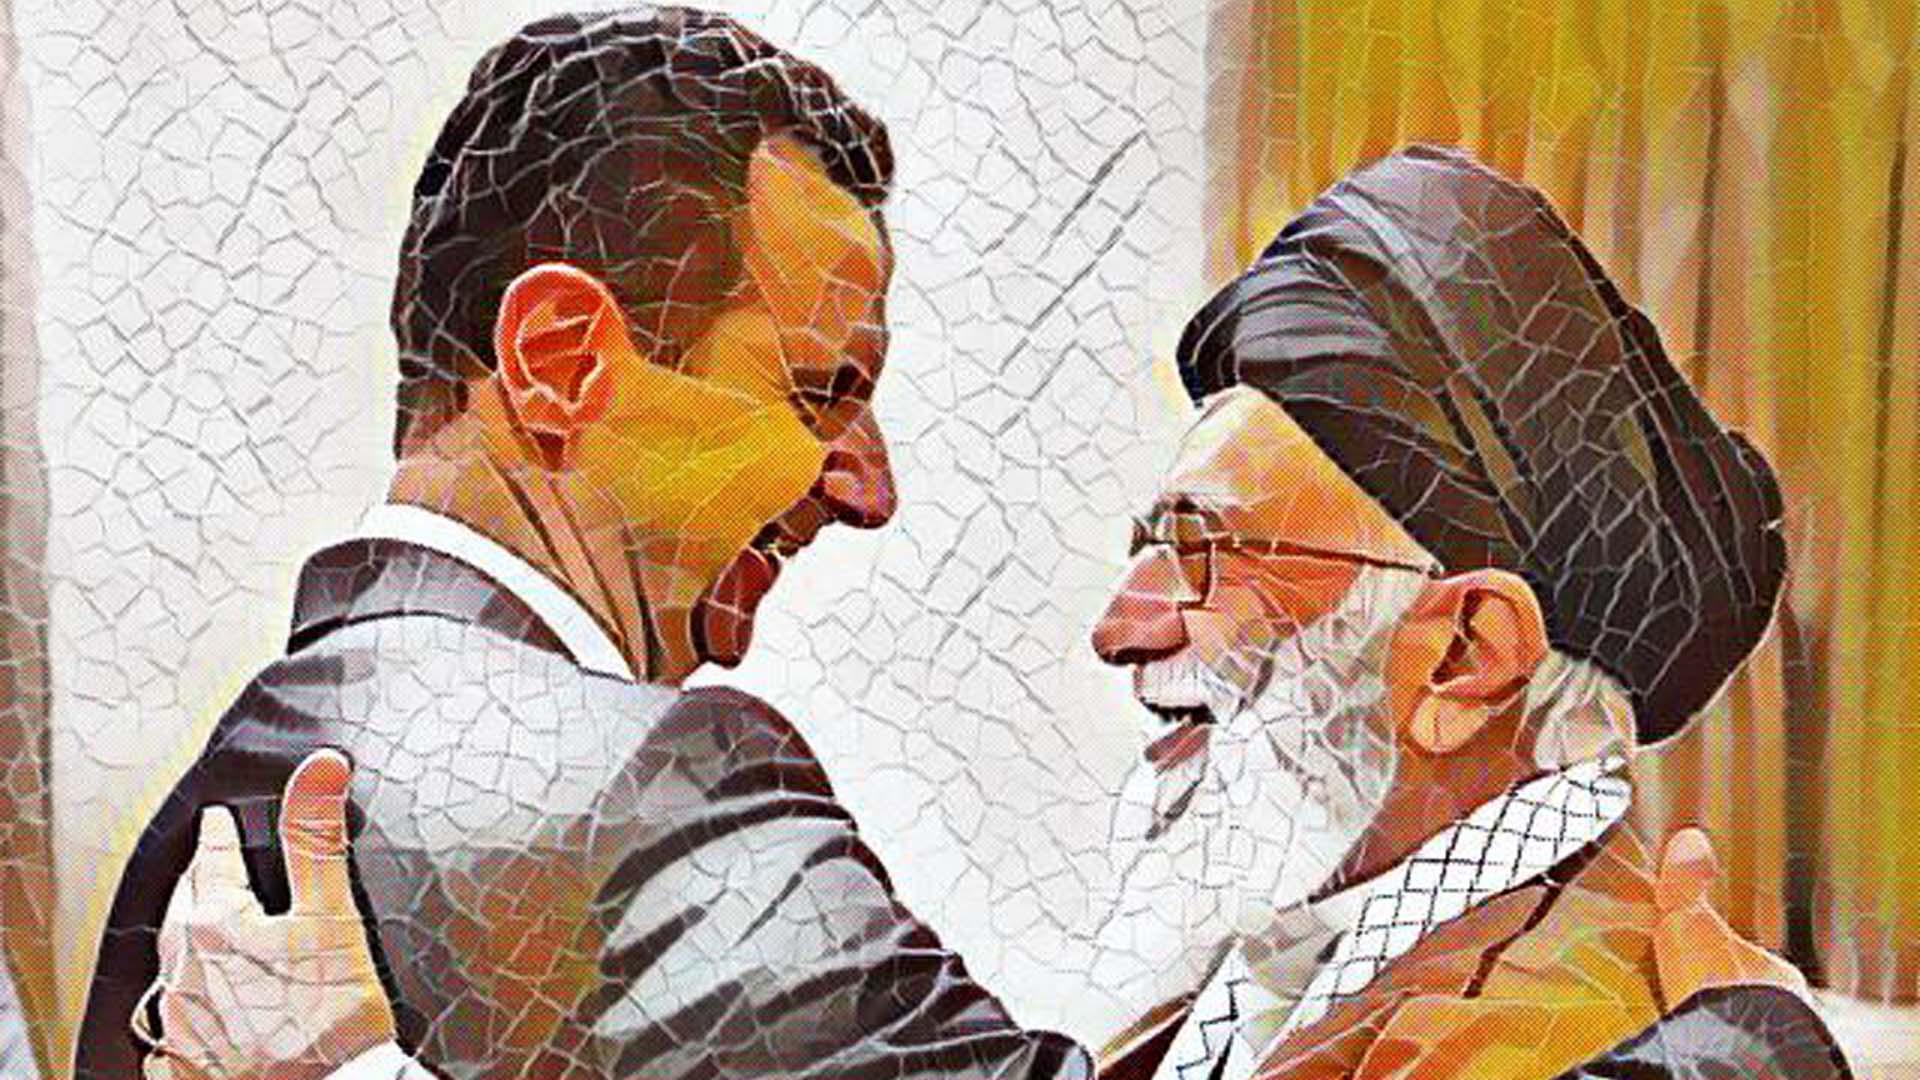 الدور الإيراني في إعادة هندسة المجتمع السوري